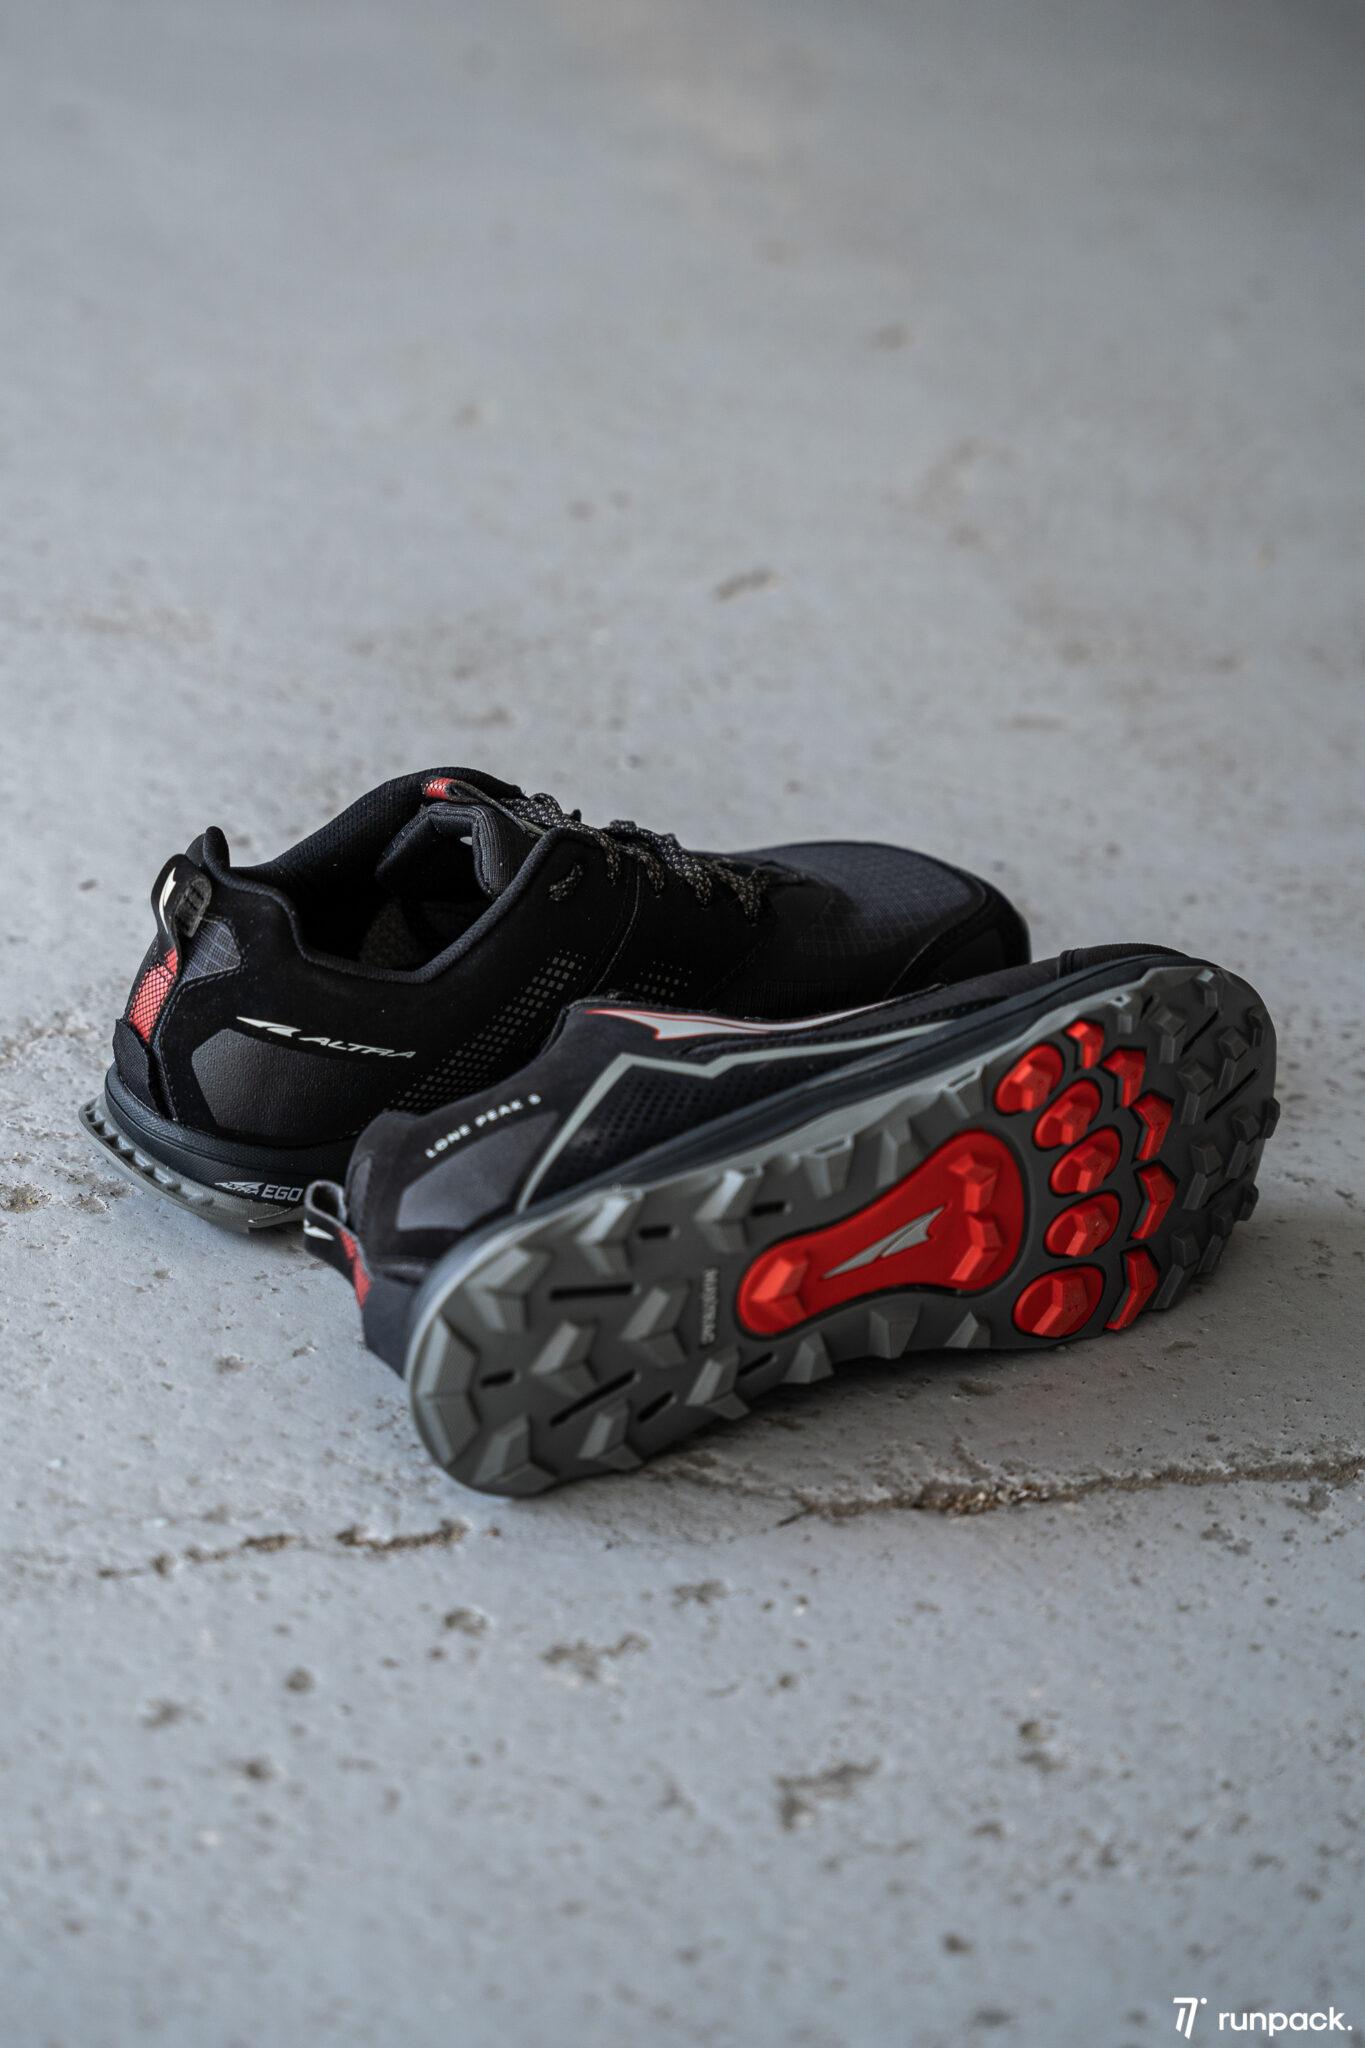 altra lone peak 5.0 chaussure trail runpack 2